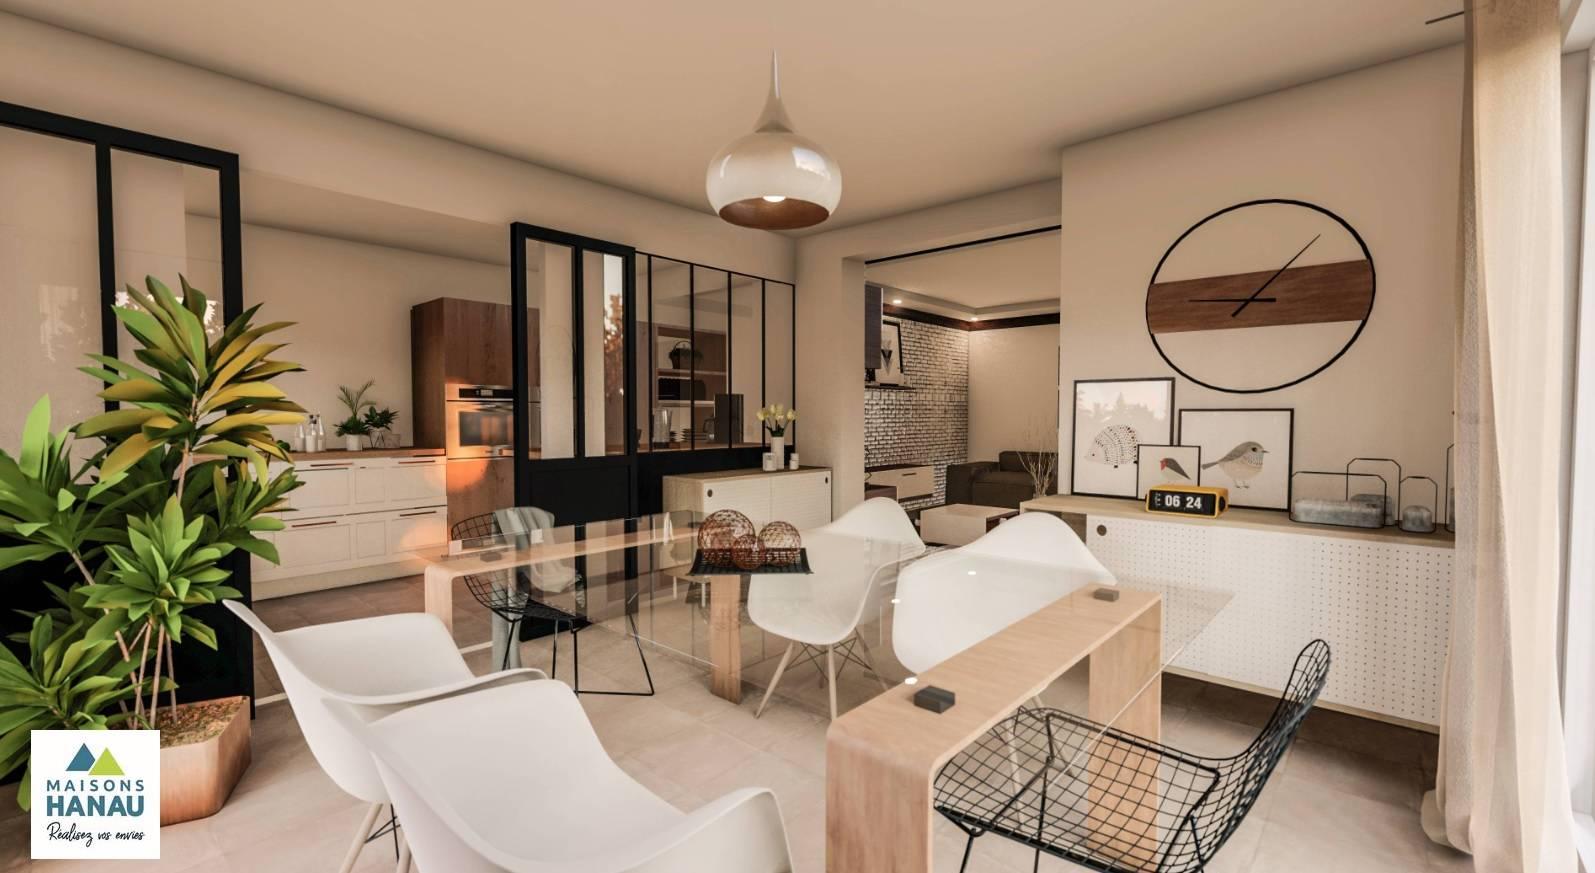 Maisons du constructeur SOCIETE MAISONS HANAU • 120 m² • NIEDERSCHAEFFOLSHEIM